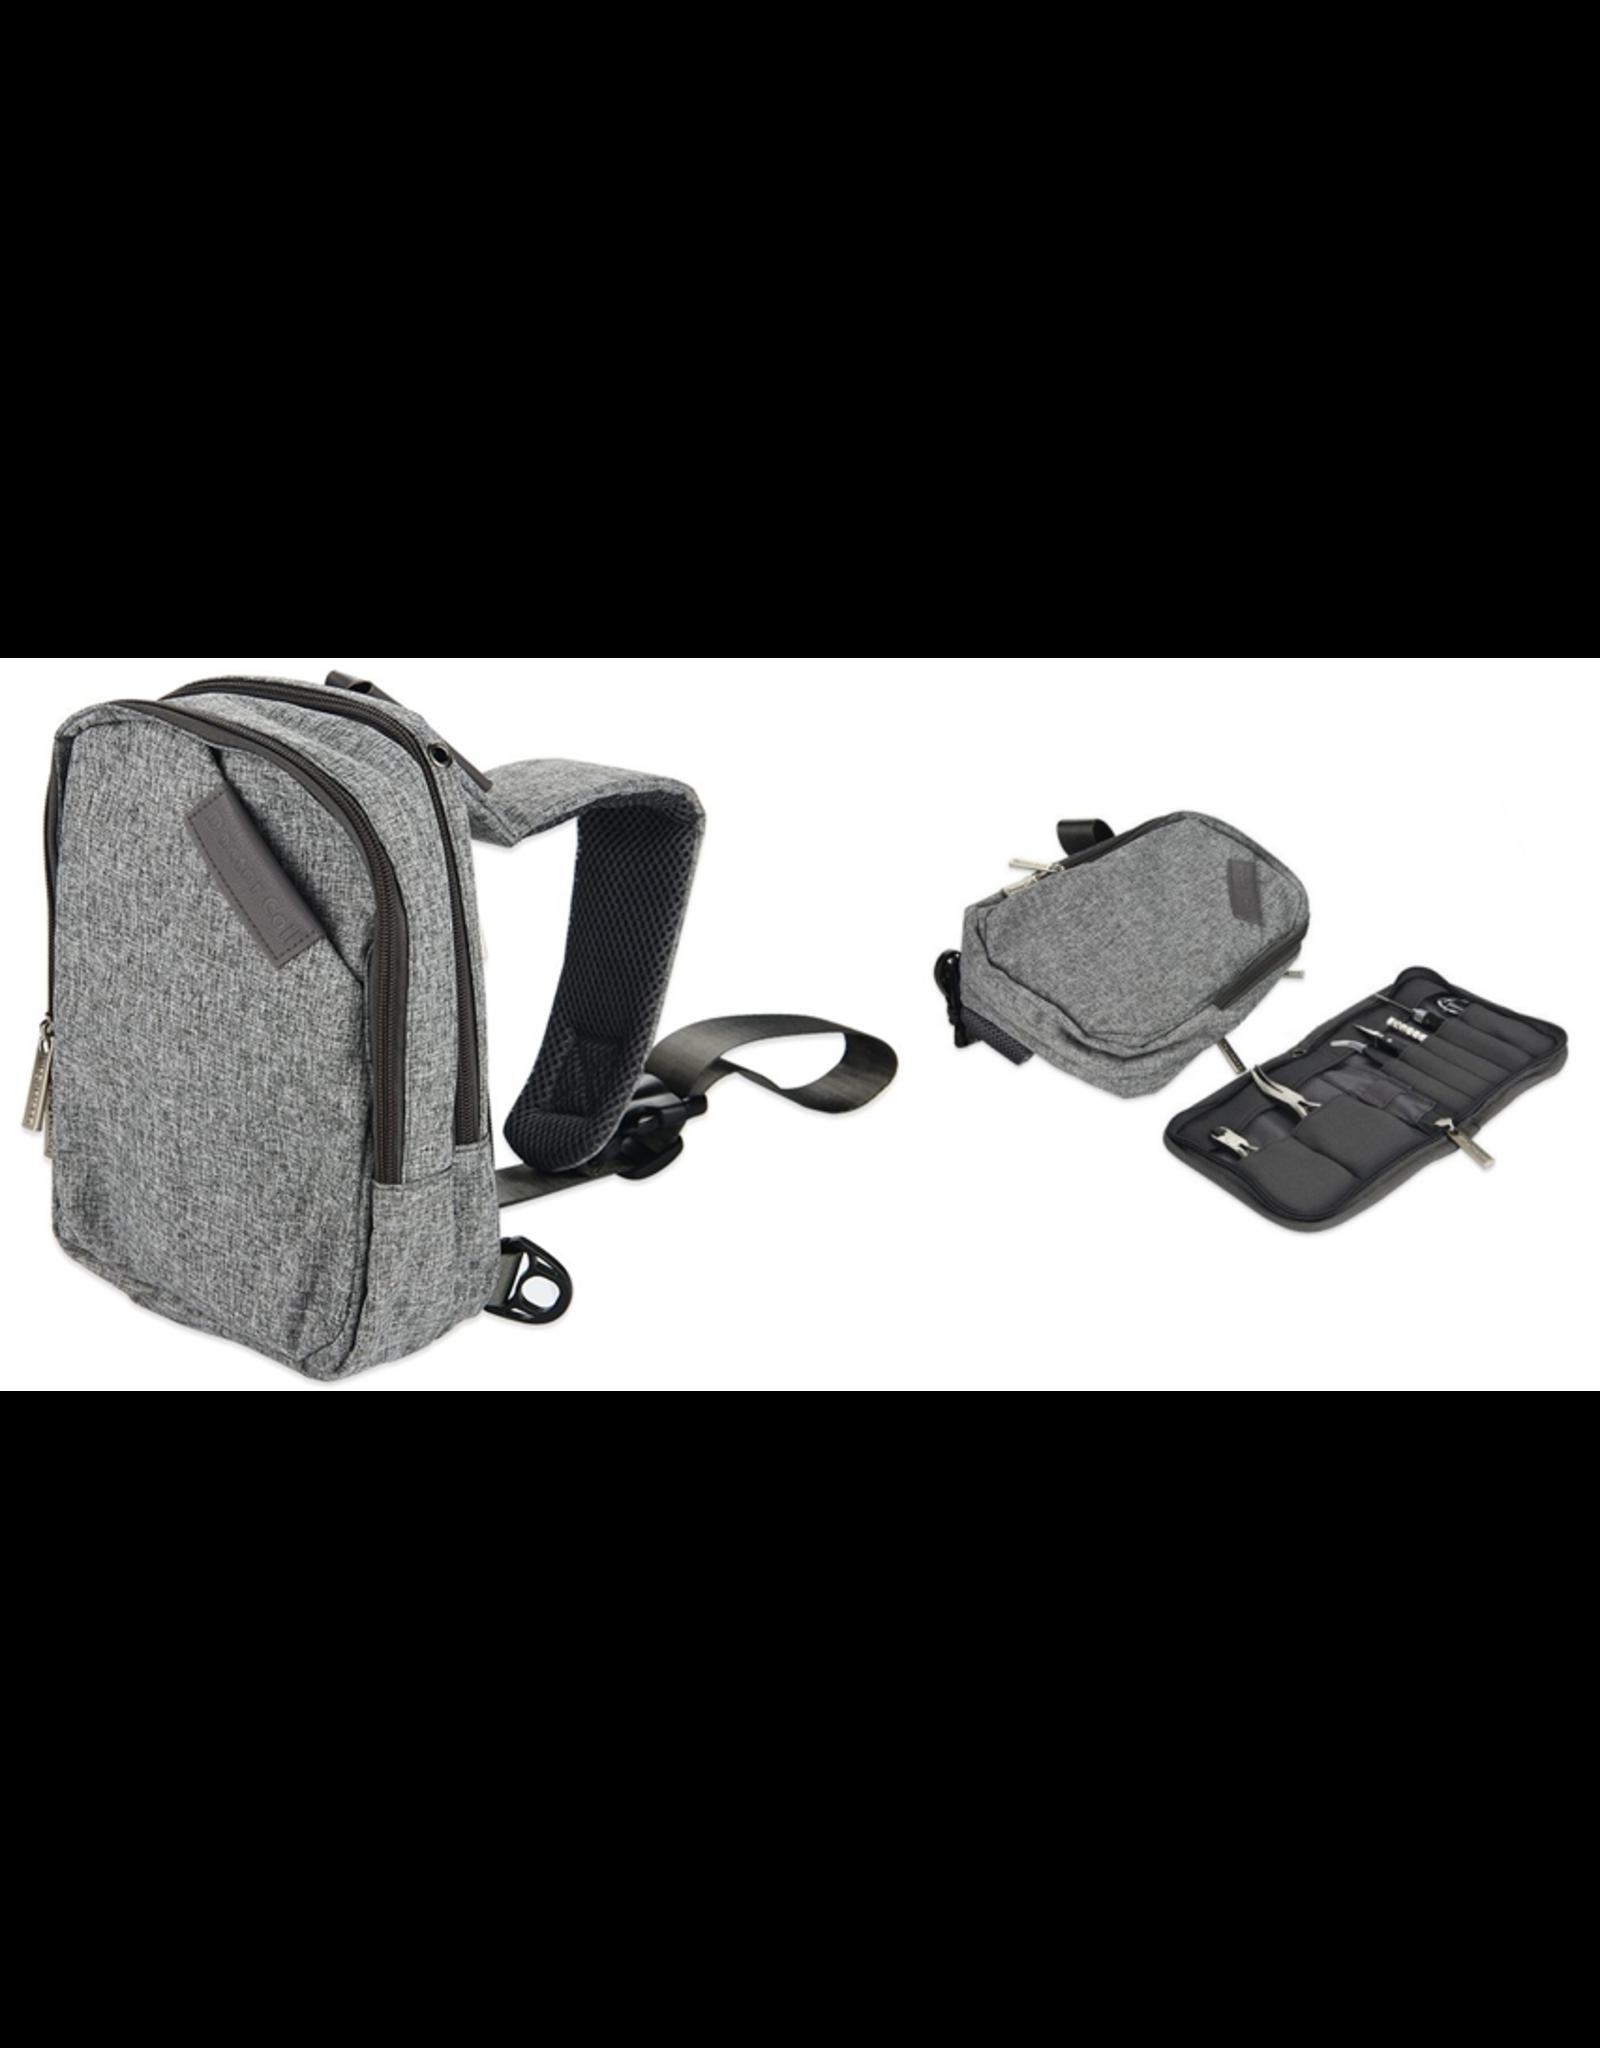 Advken Advken V2 Shoulder Bag w/DIY Kit